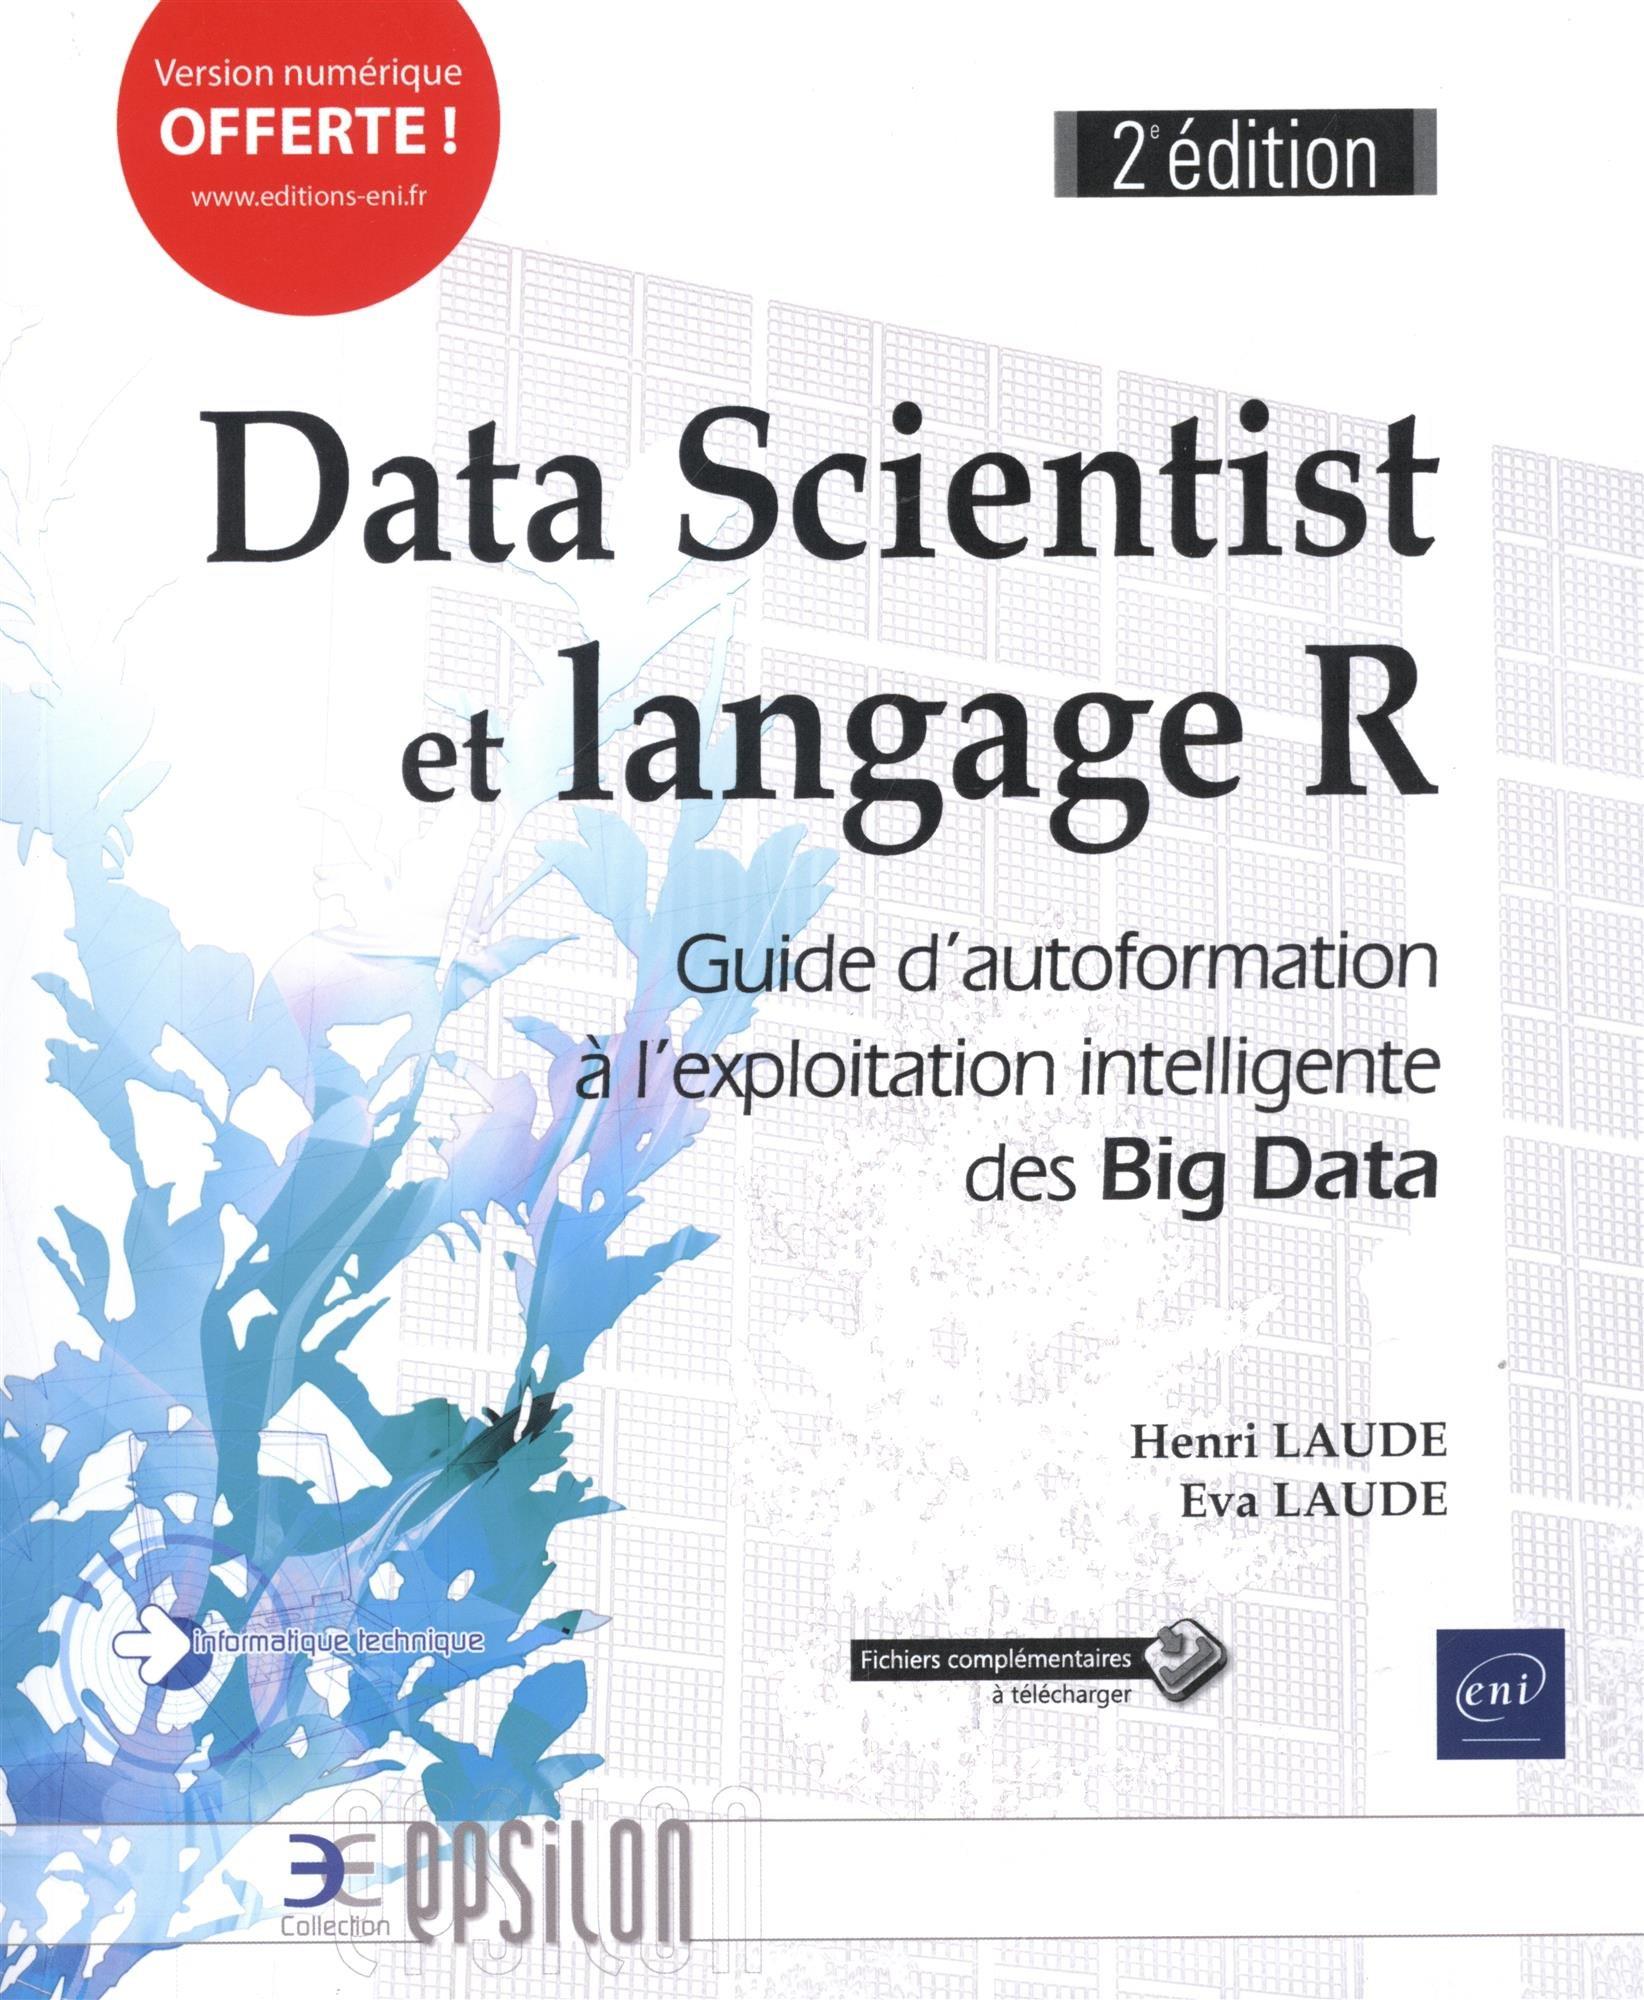 Data Scientist et langage R - Guide d'autoformation à l'exploitation intelligente des Big Data (2e édition) Broché – 13 juin 2018 Eva LAUDE Henri LAUDE Editions ENI 240901397X Informatique